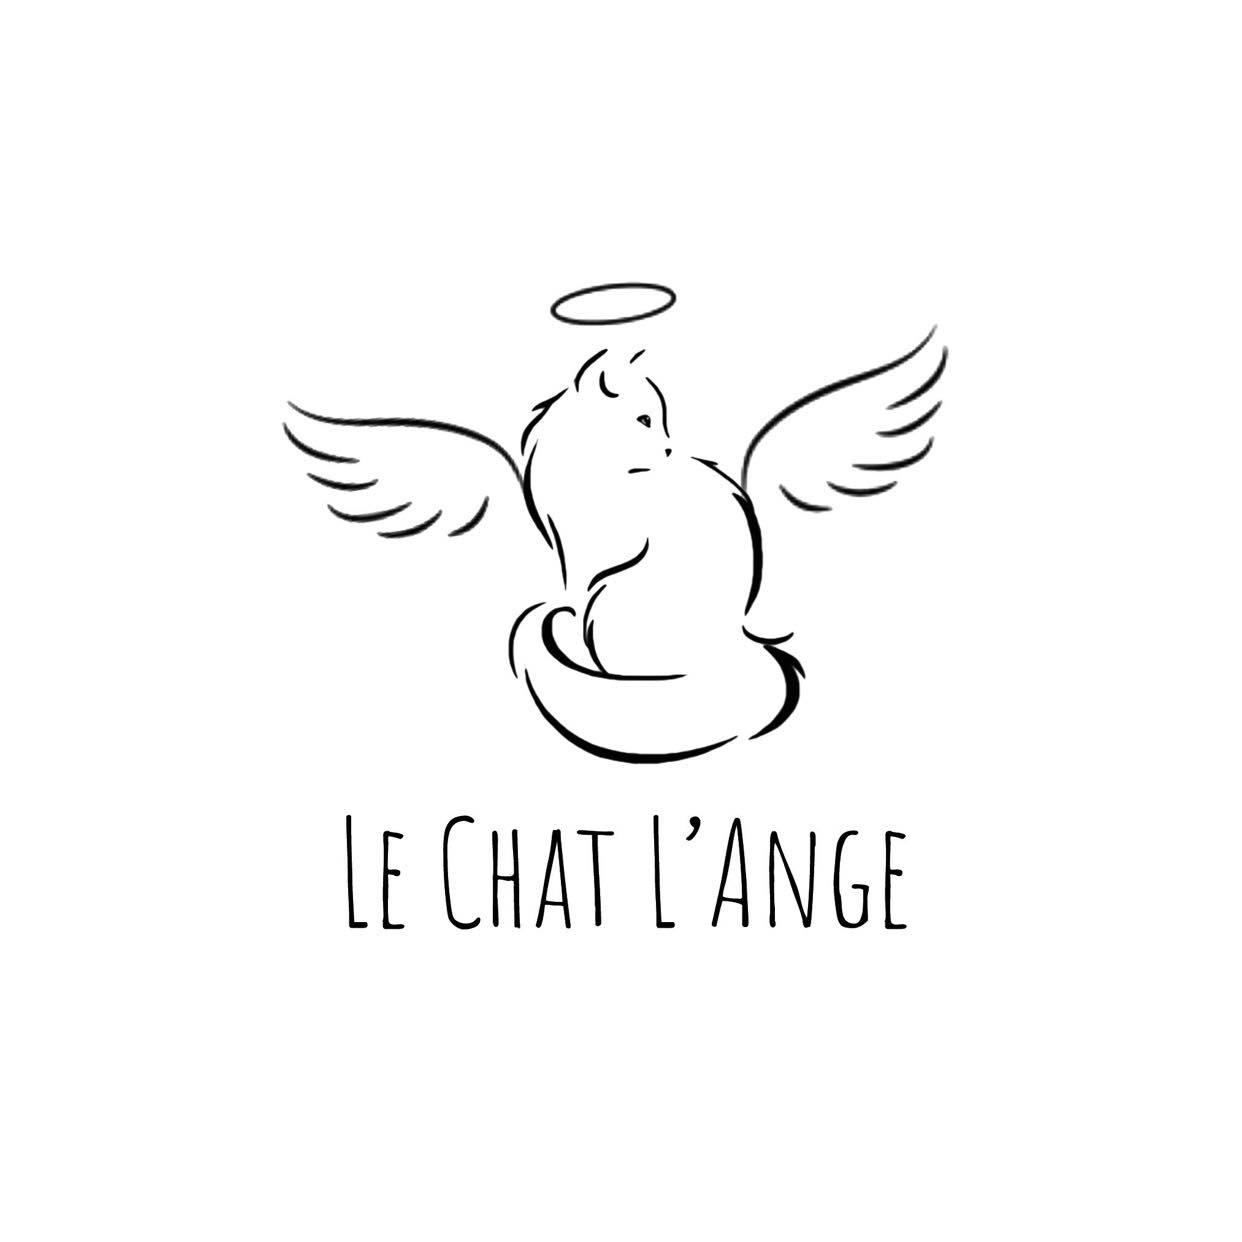 Le chat l'ange